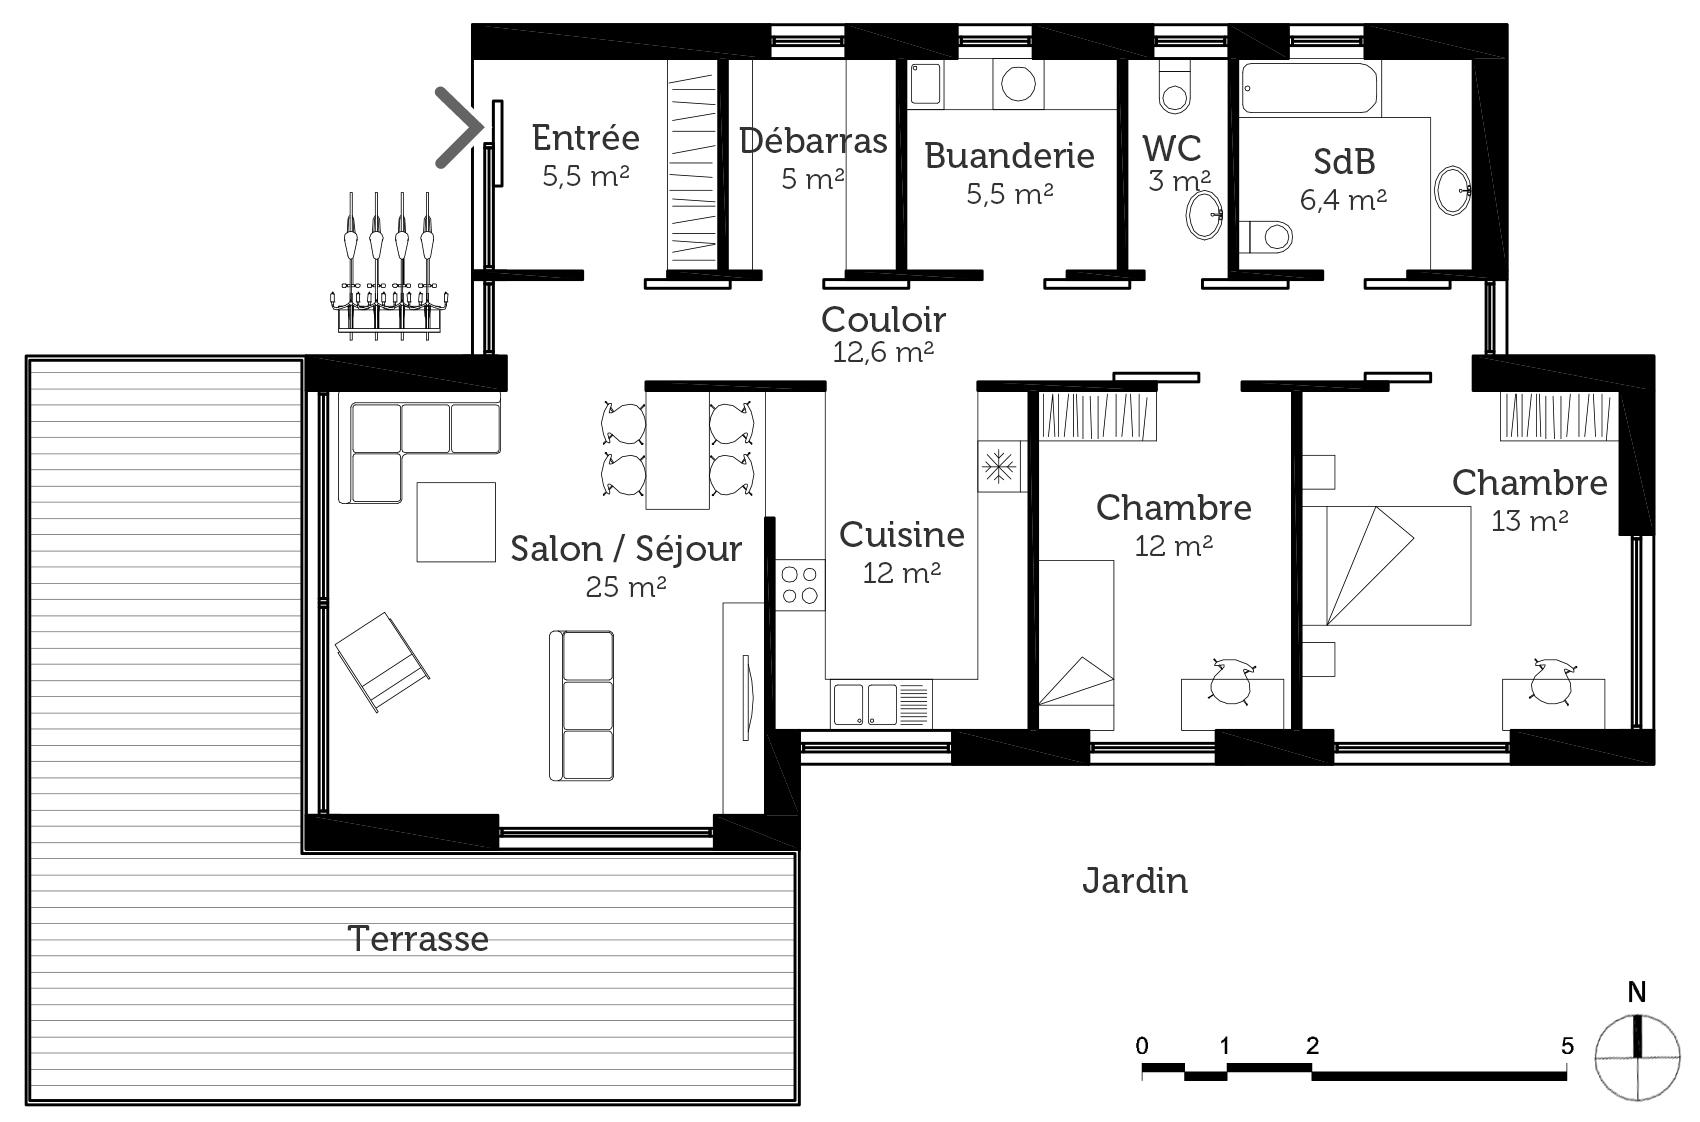 plan de maison 6 chambres plain pied